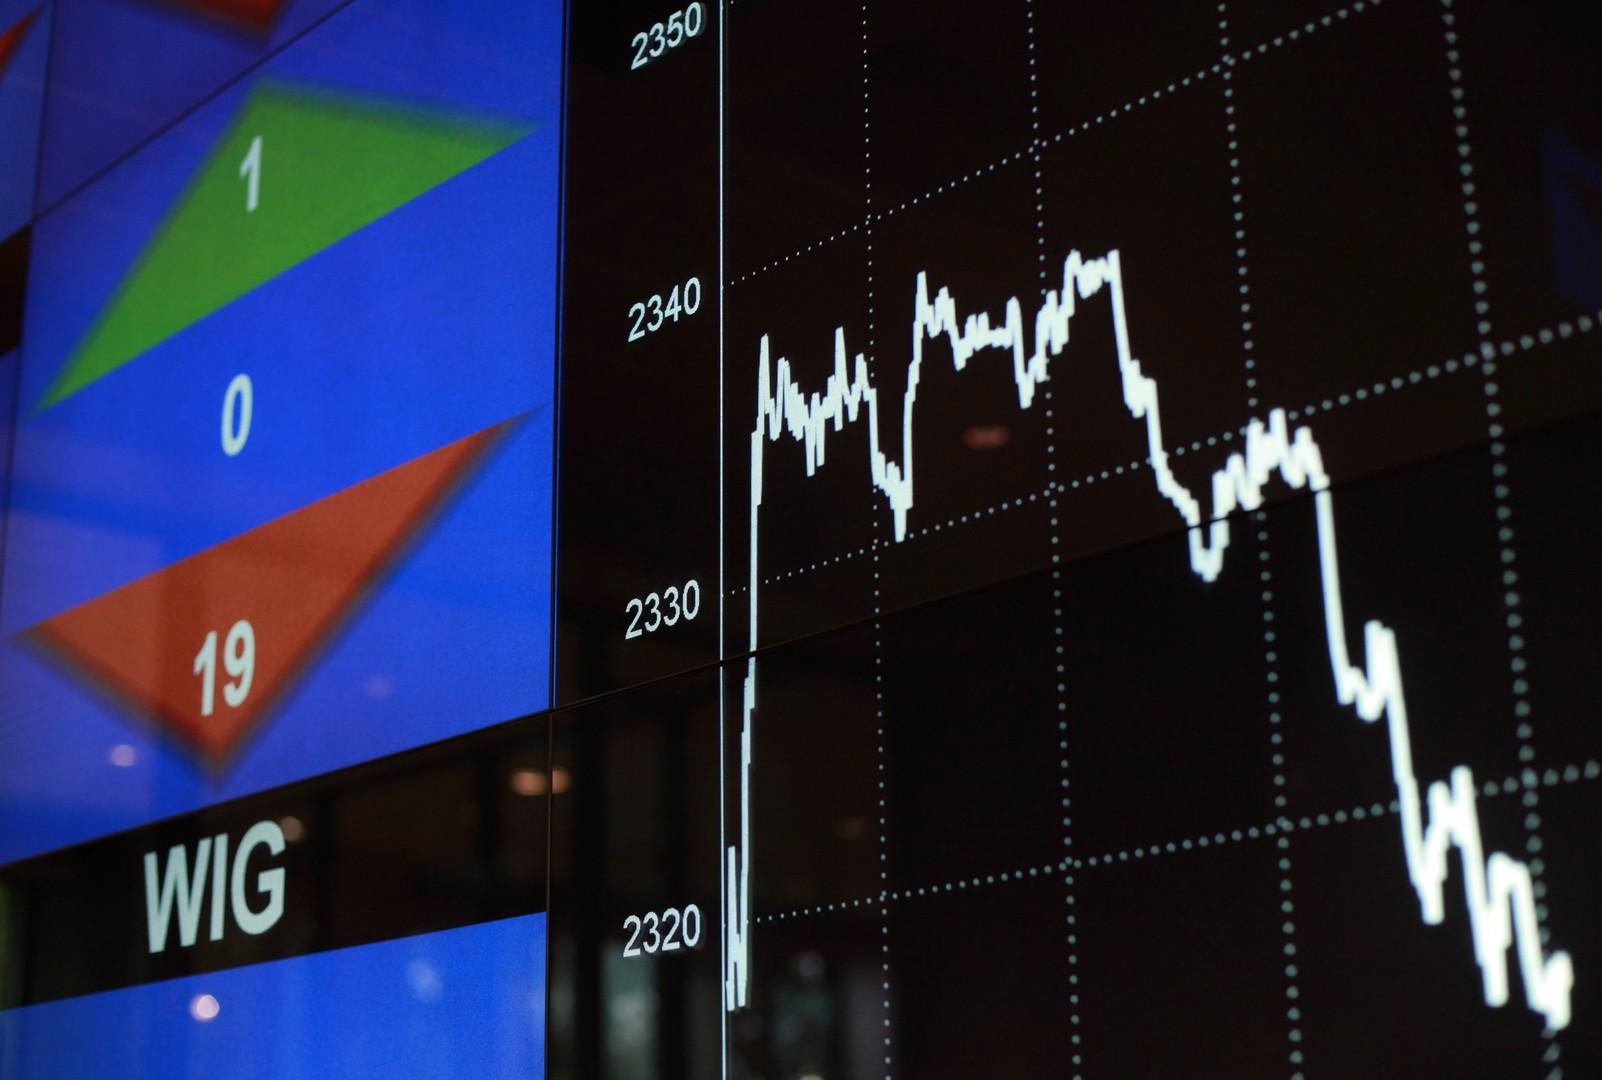 مؤشرات قوية من أسوق السندات على ركود عالمي